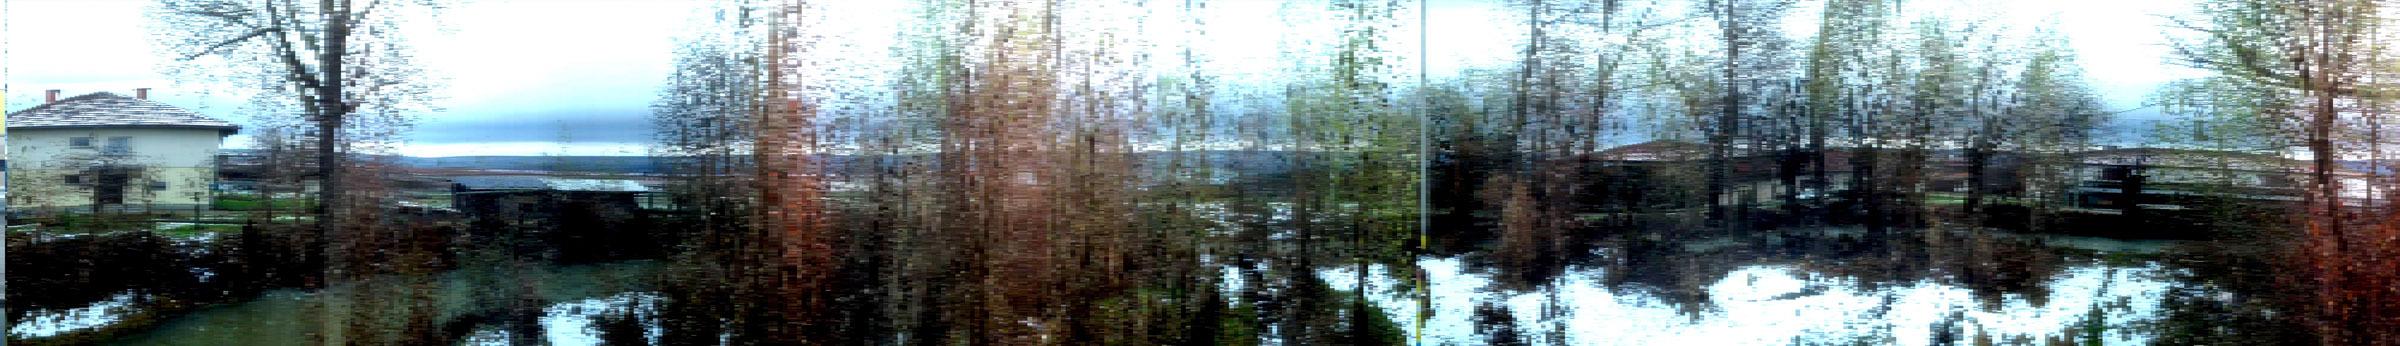 johann moser - timebased landscape 18-2